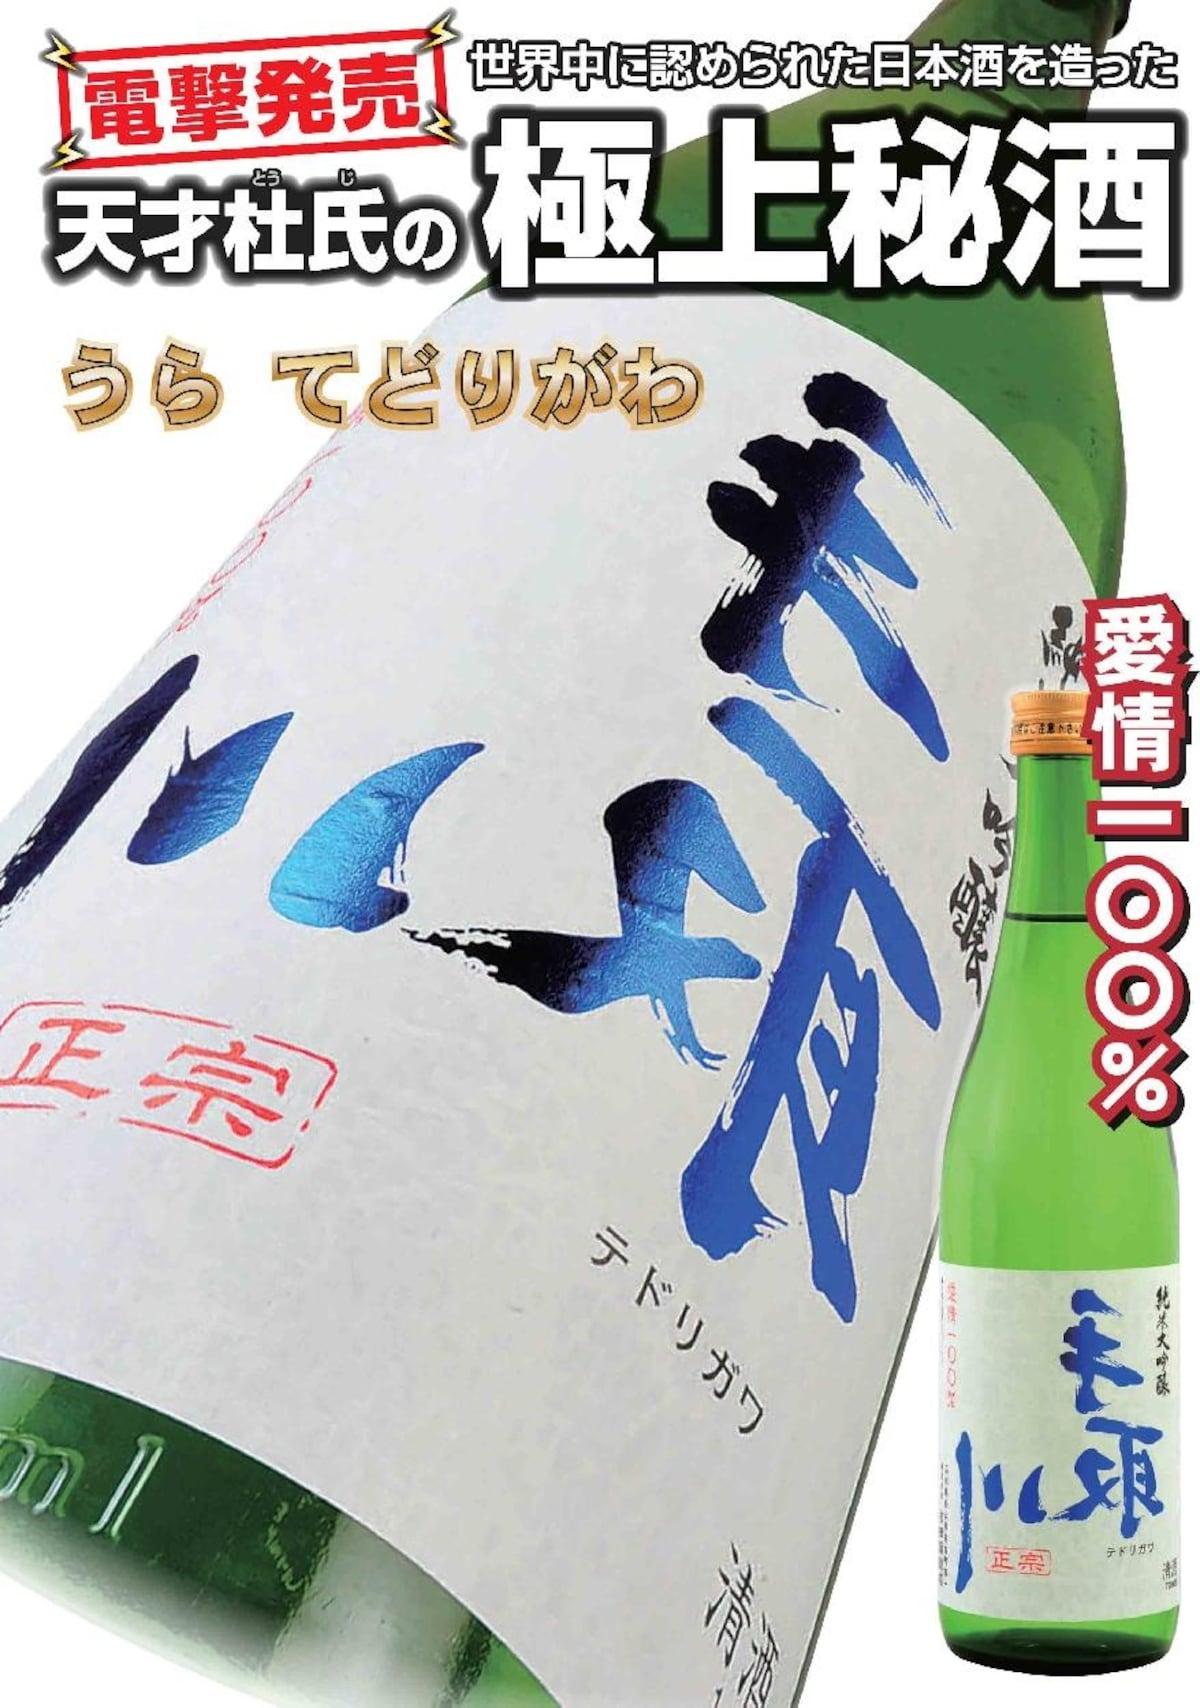 3. 手取川 테도리가와 (야마하이 쥰마이슈)